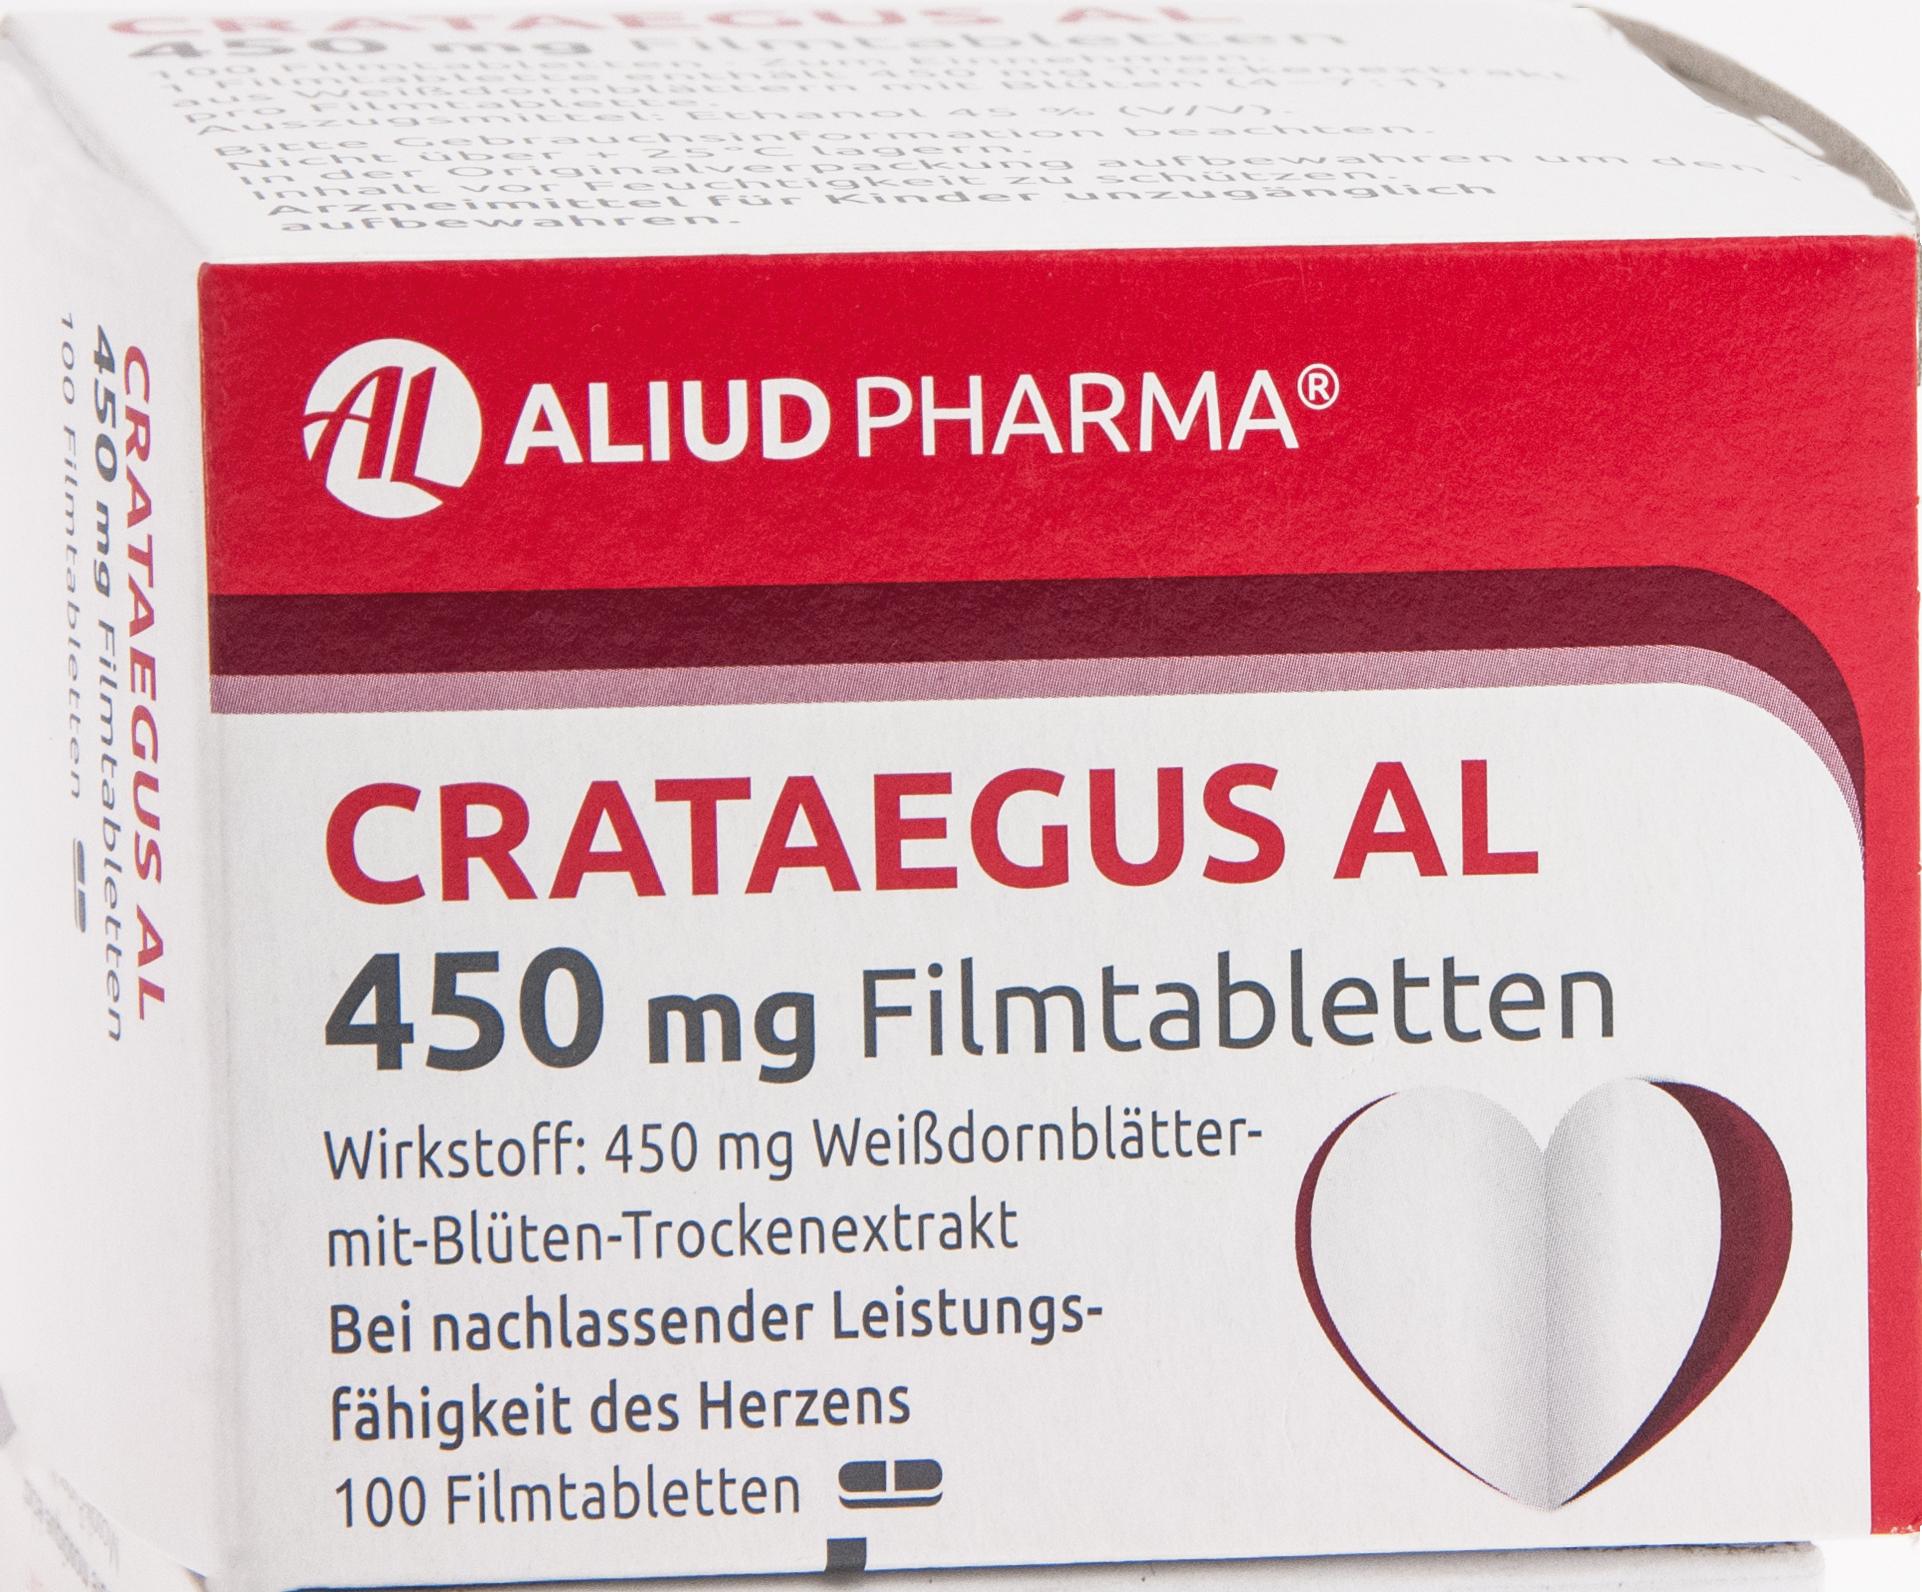 Crataegus AL 450mg Filmtabletten